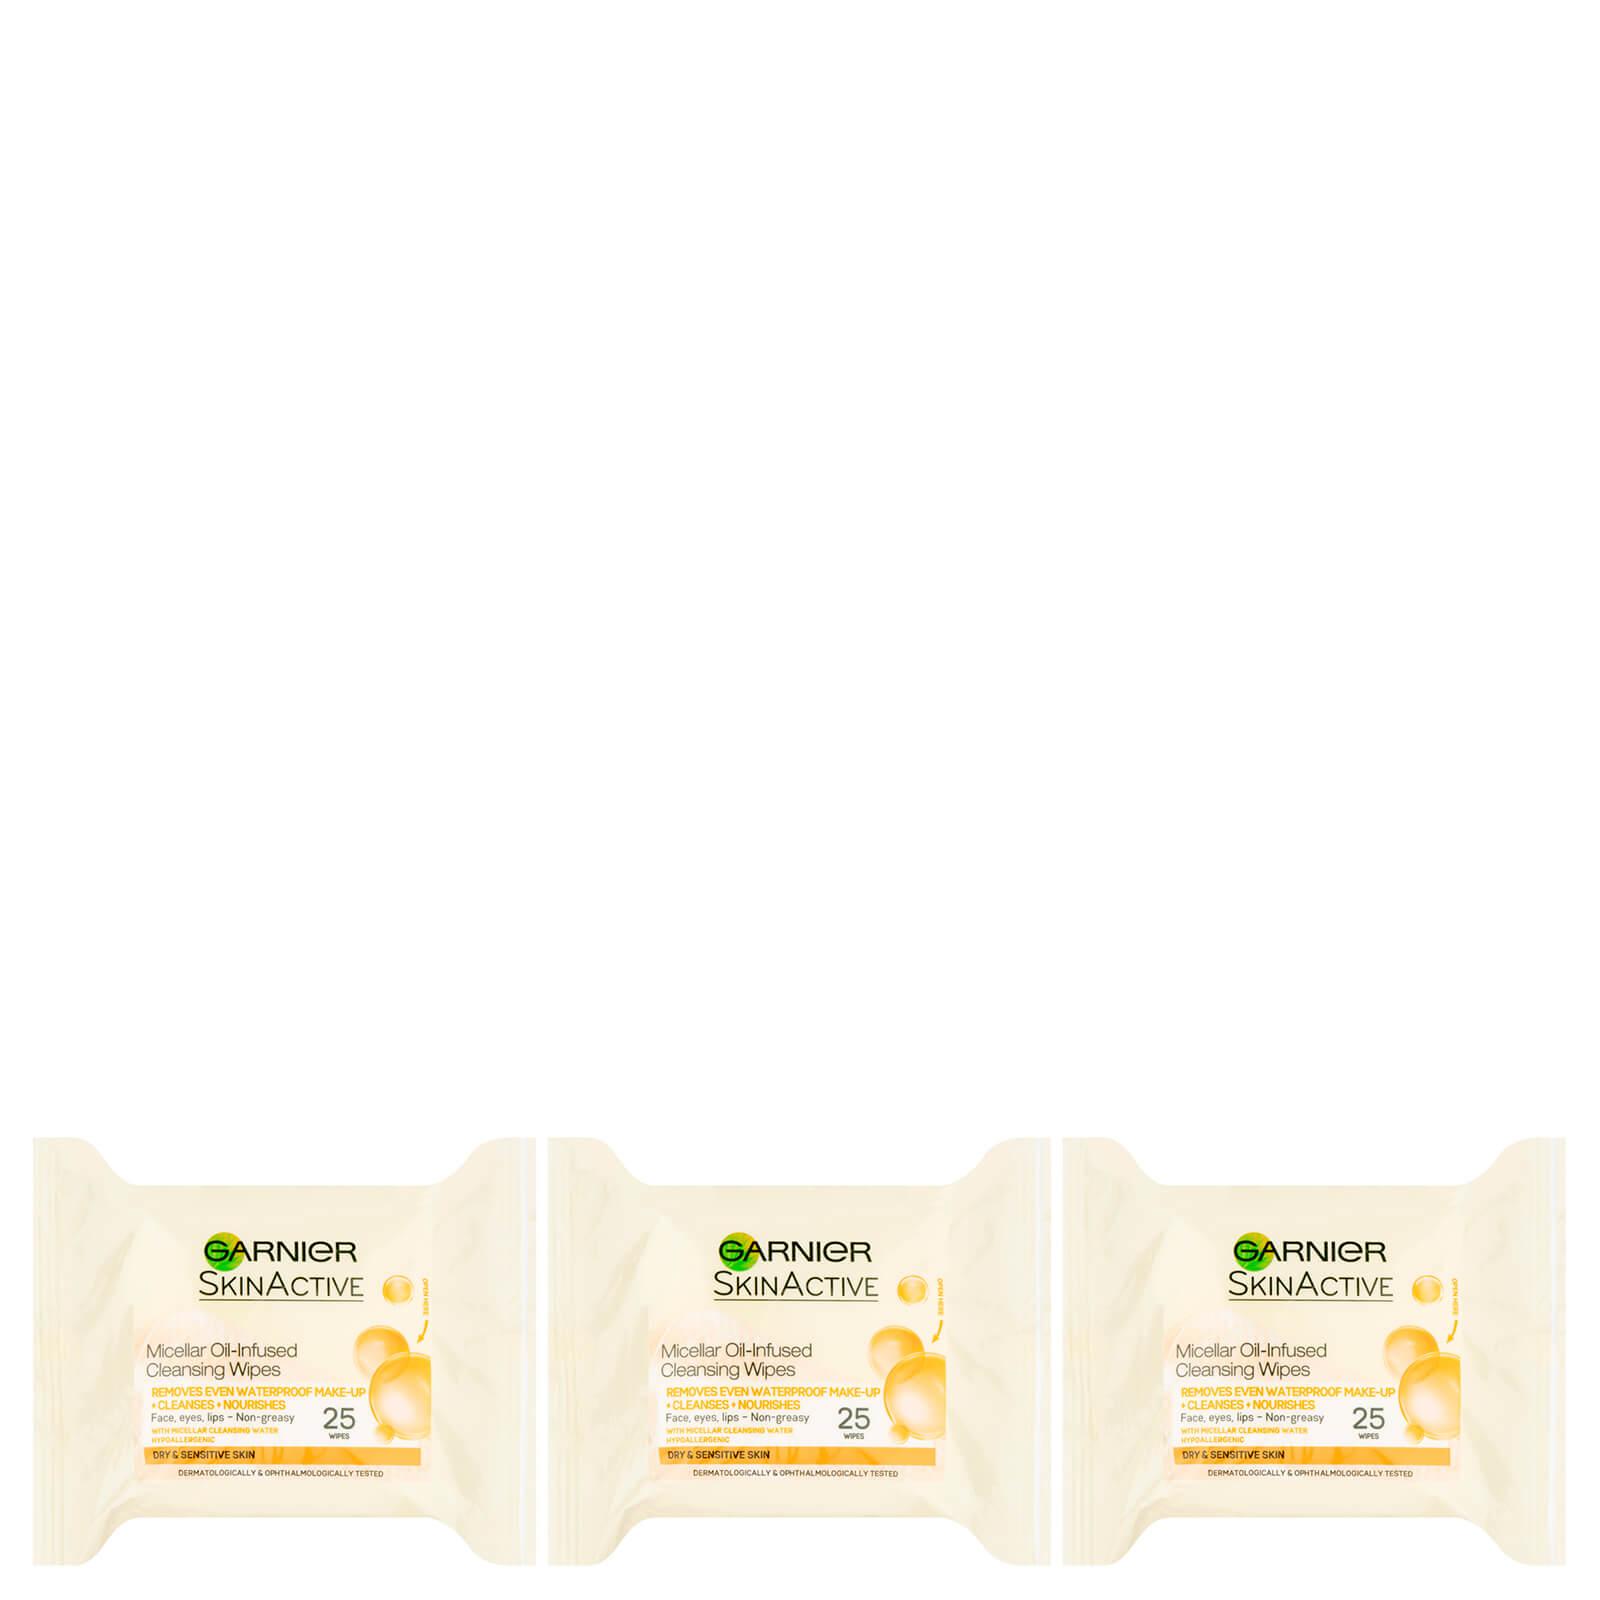 Купить Очищающие мицеллярные салфетки с маслами Garnier Micellar Oil-Infused Cleansing Face Wipes - 25 салфеток (3 уп. в наборе)